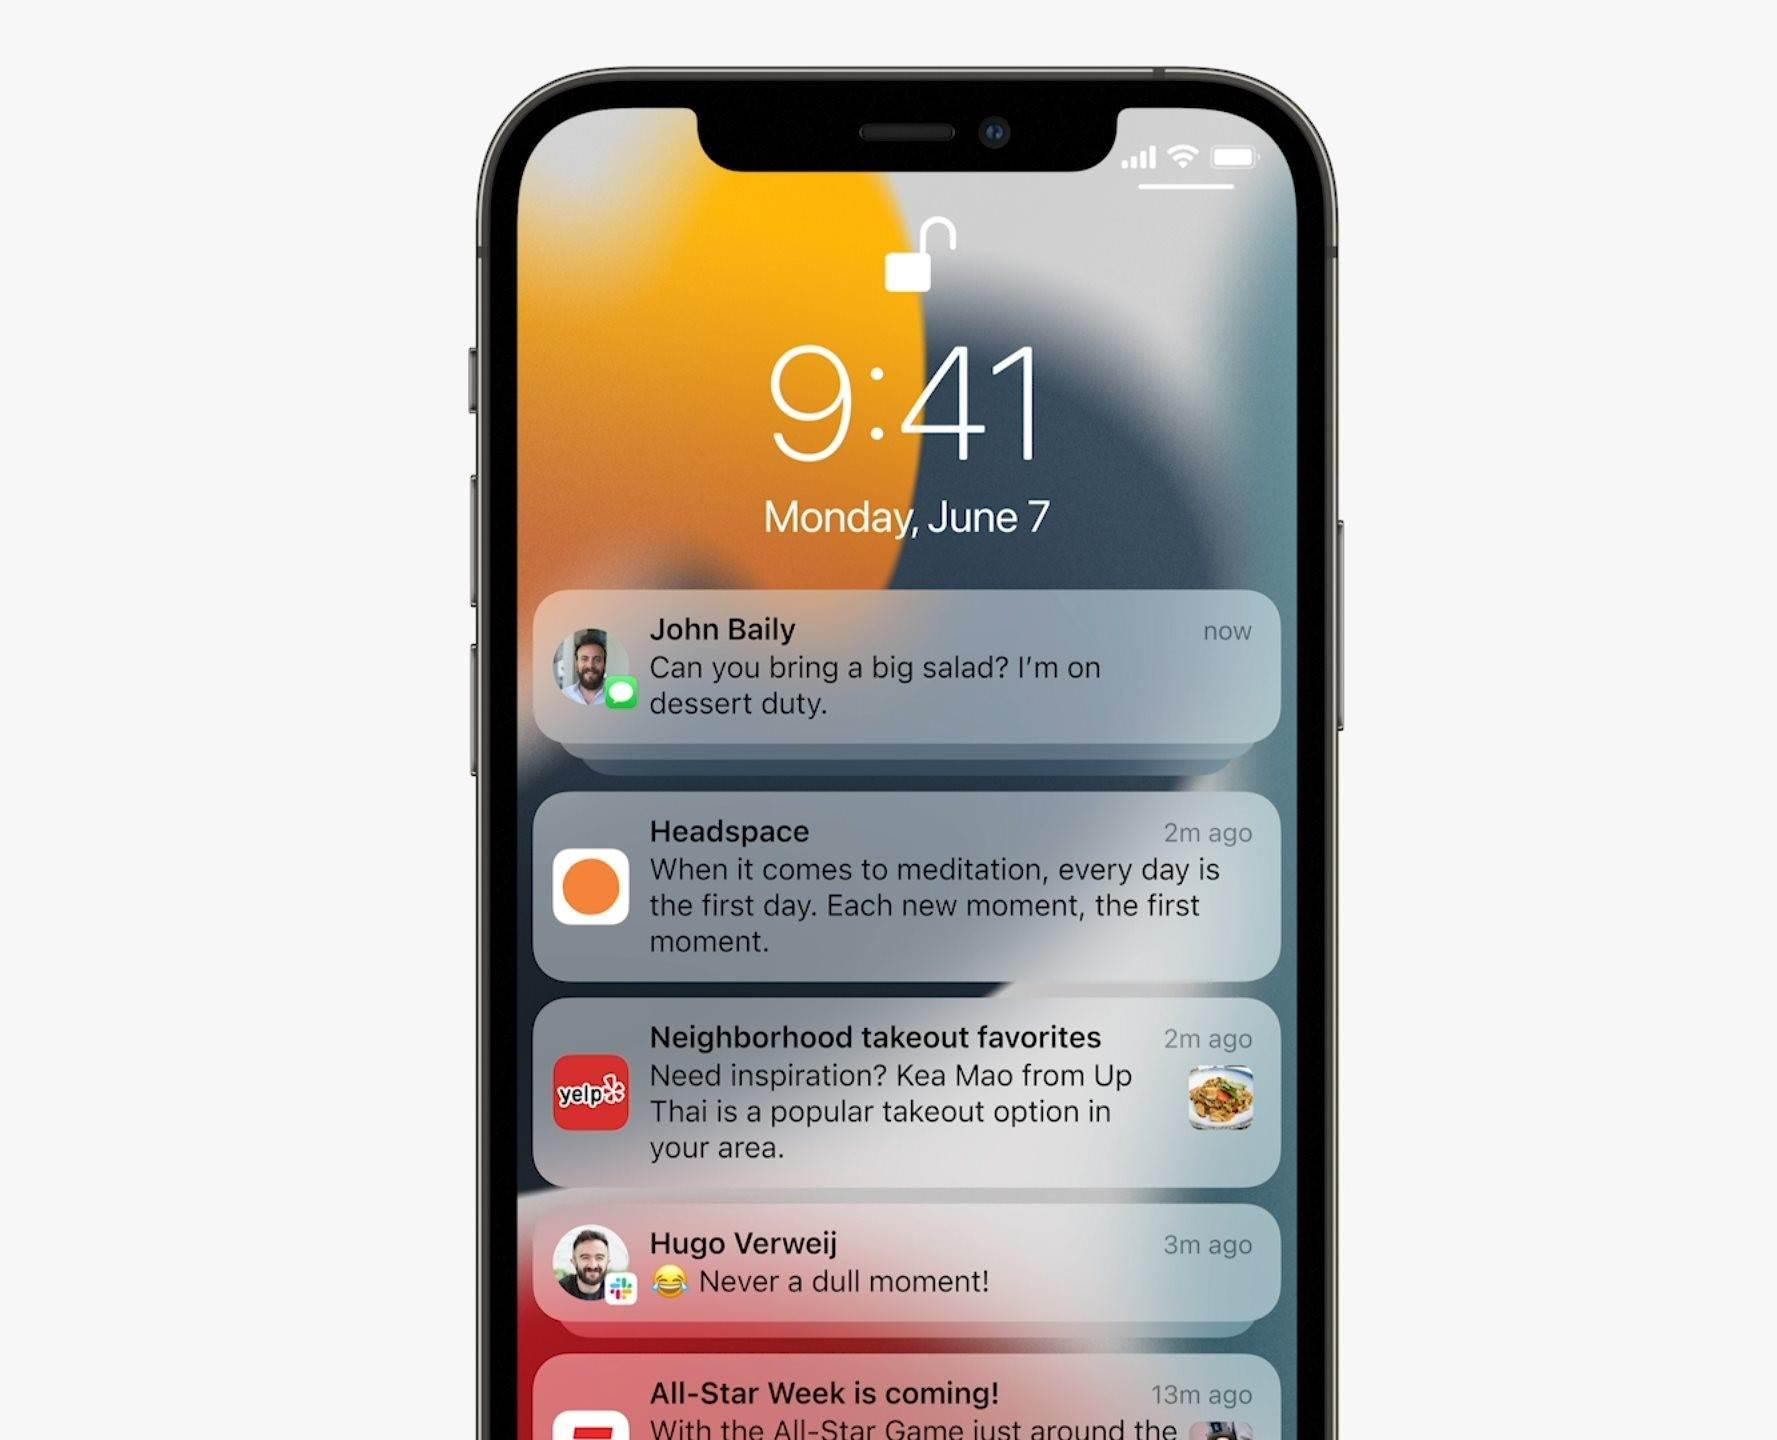 iOS 15 oficjalnie zaprezentowany. Przegląd nowości polecane, ciekawostki zmiany, system iOS 15 oficjalnie zaprezentowany, Nowości, iOS 15  Firma Apple zaprezentowała dziś system iOS 15 na keynote otwierającym tegoroczne WWDC 2021. Poniżej mamy dla Was przegląd najważniejszych zmian i nowości najnowszej wersji systemu iOS. iOS15 5